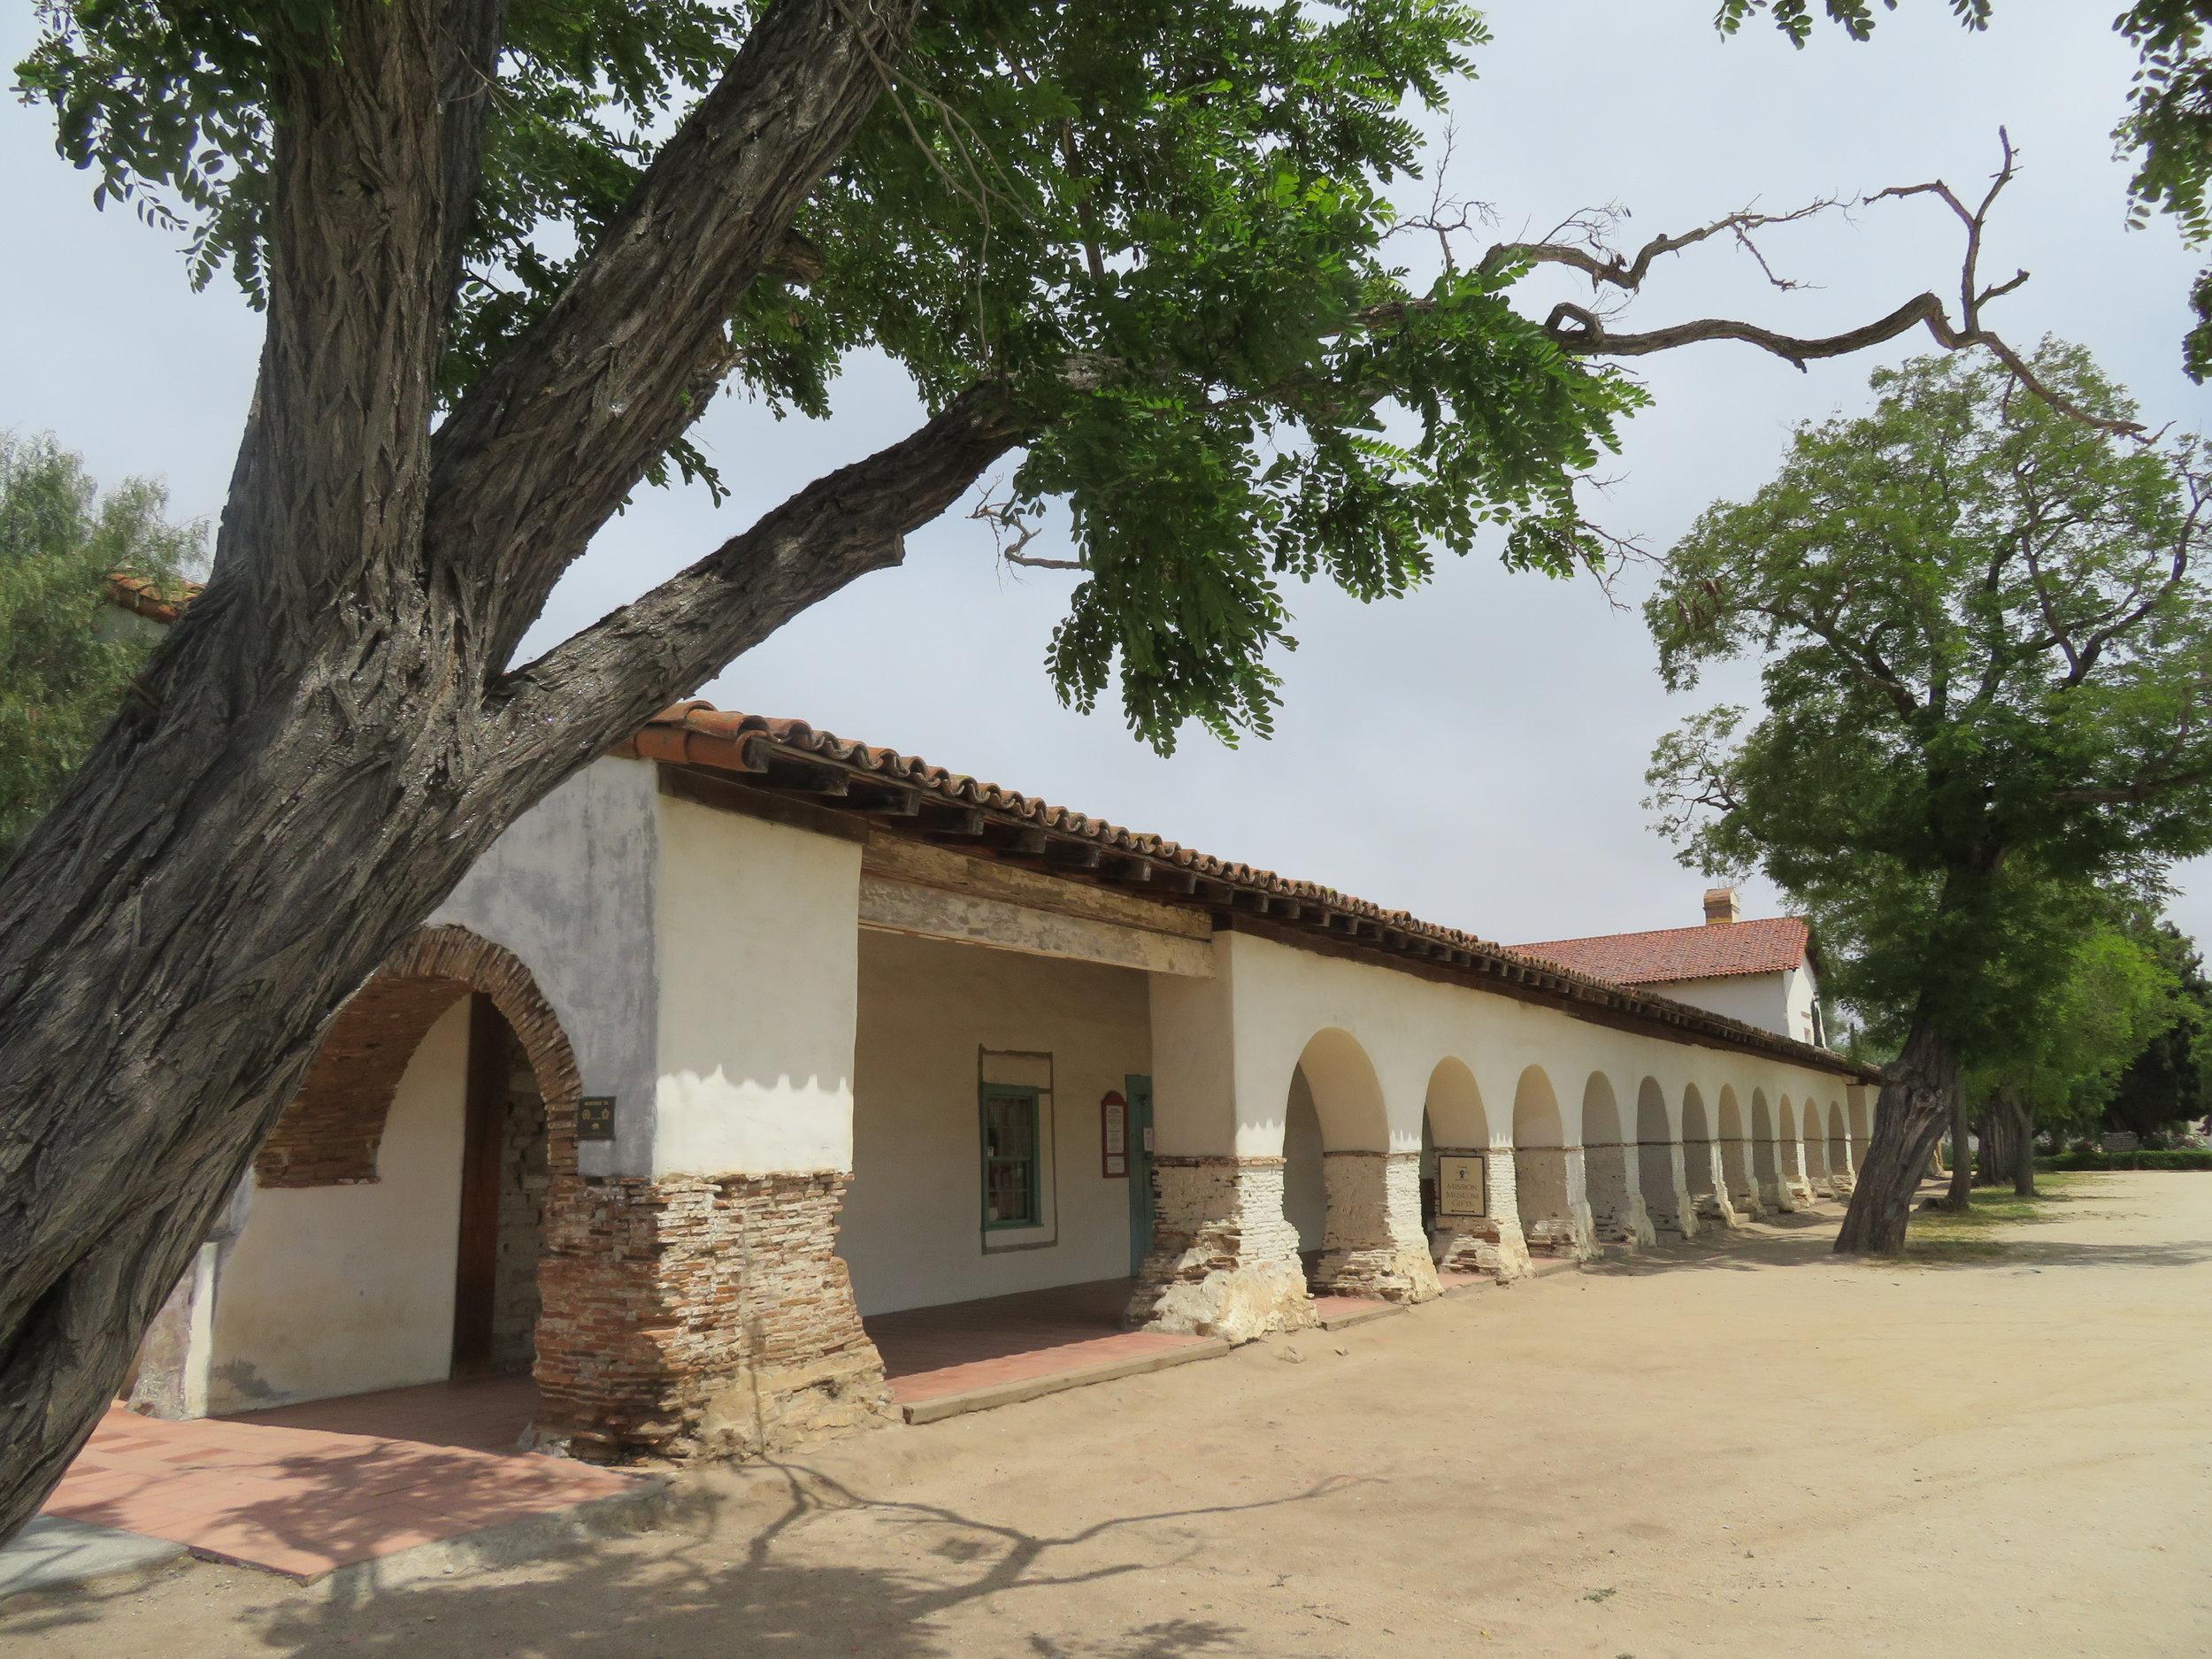 Mission San Juan Batista established 1797